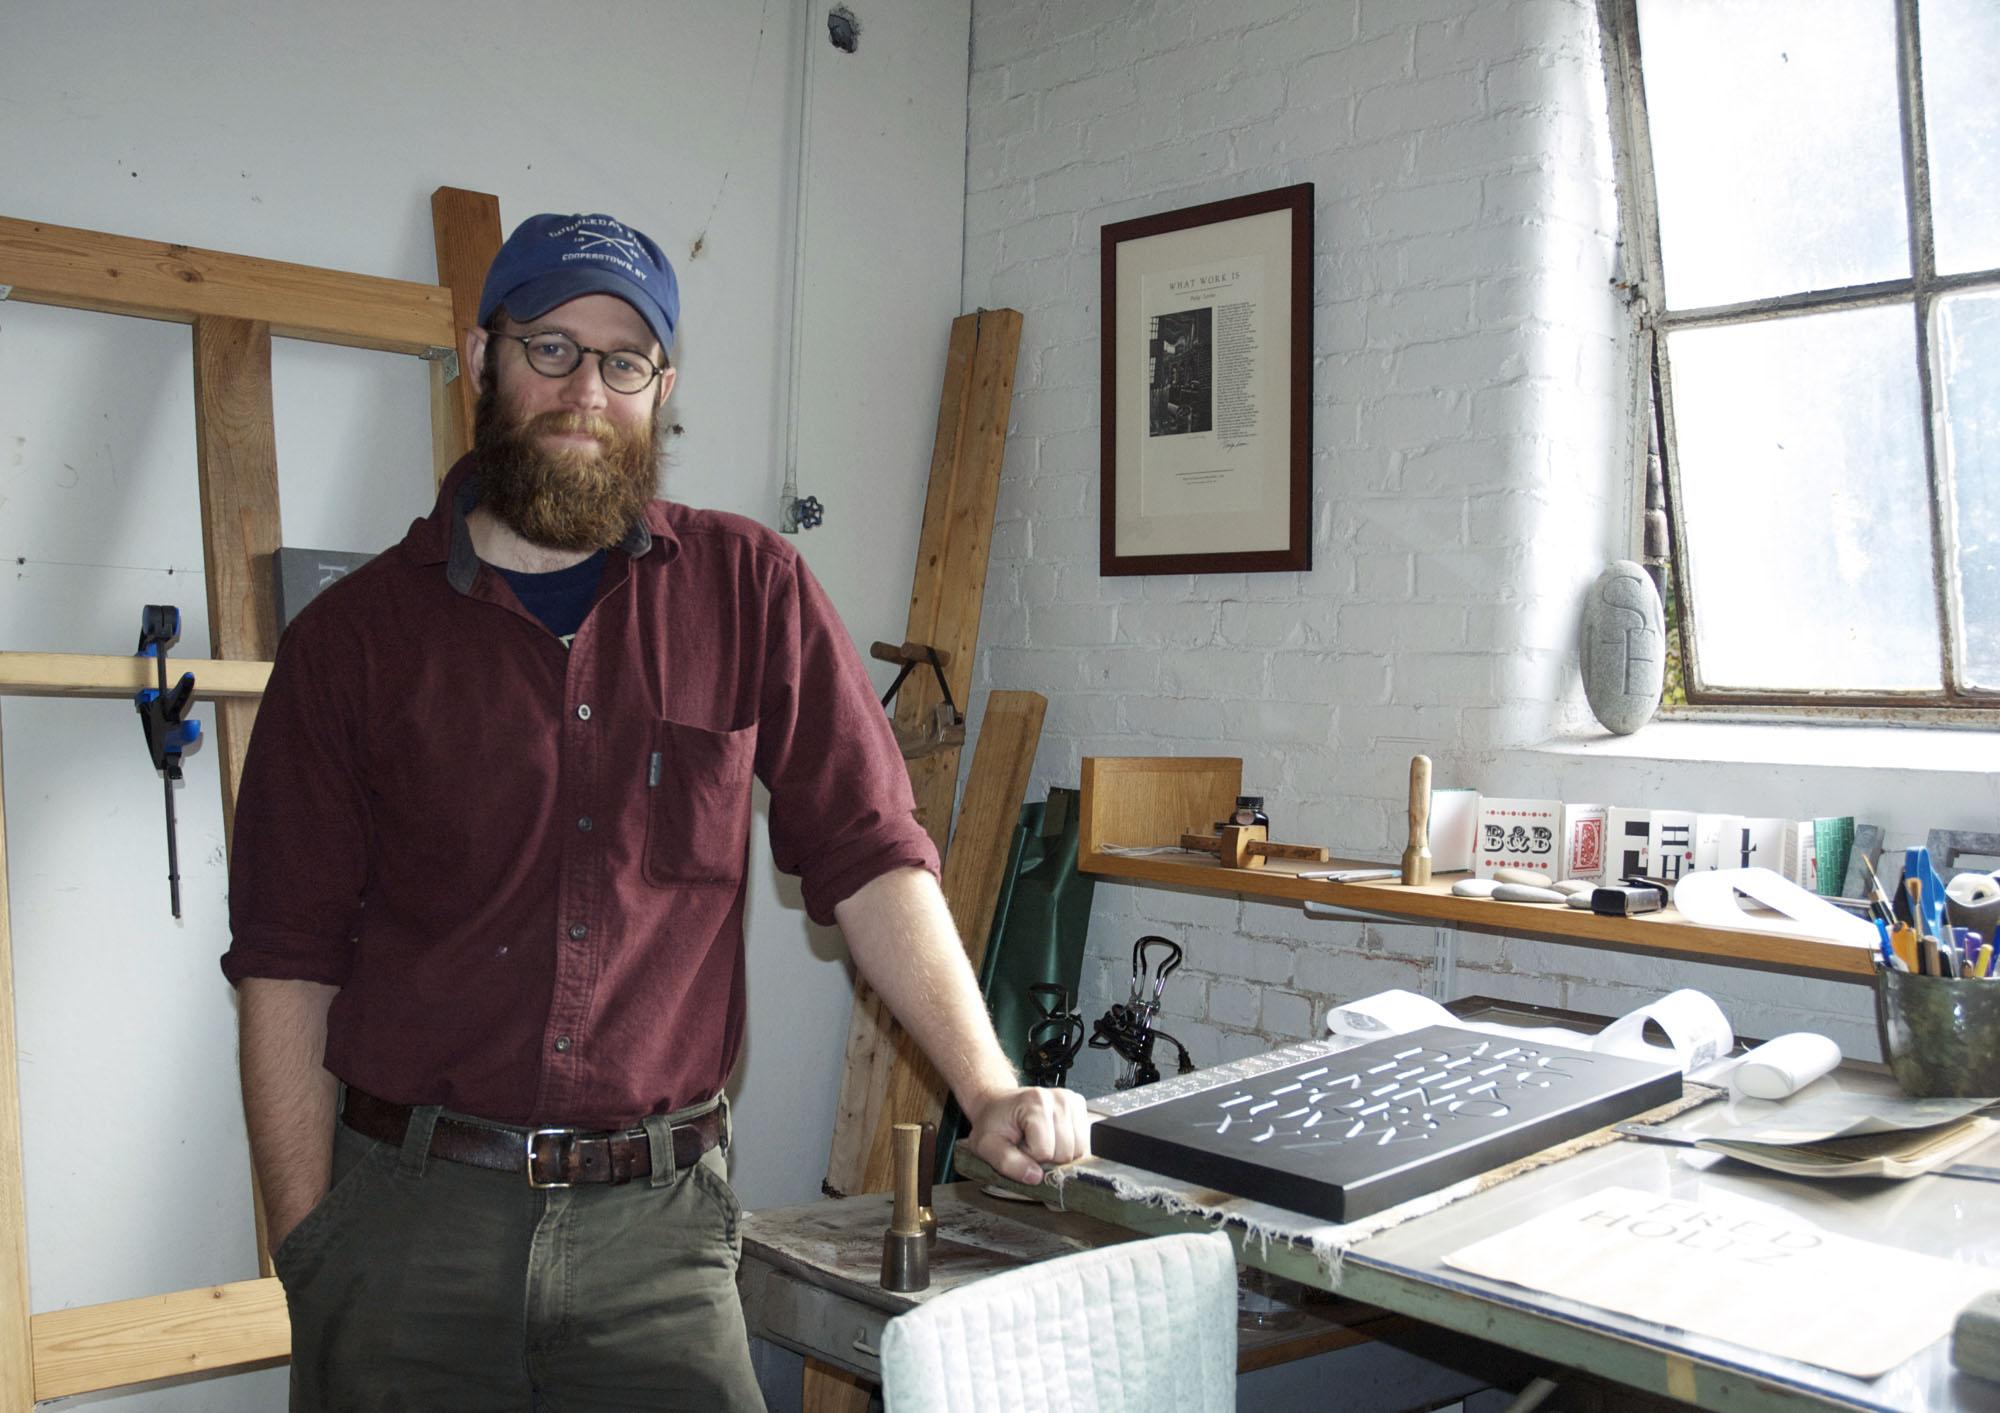 Jesse Marsolais at Marsolais Press.